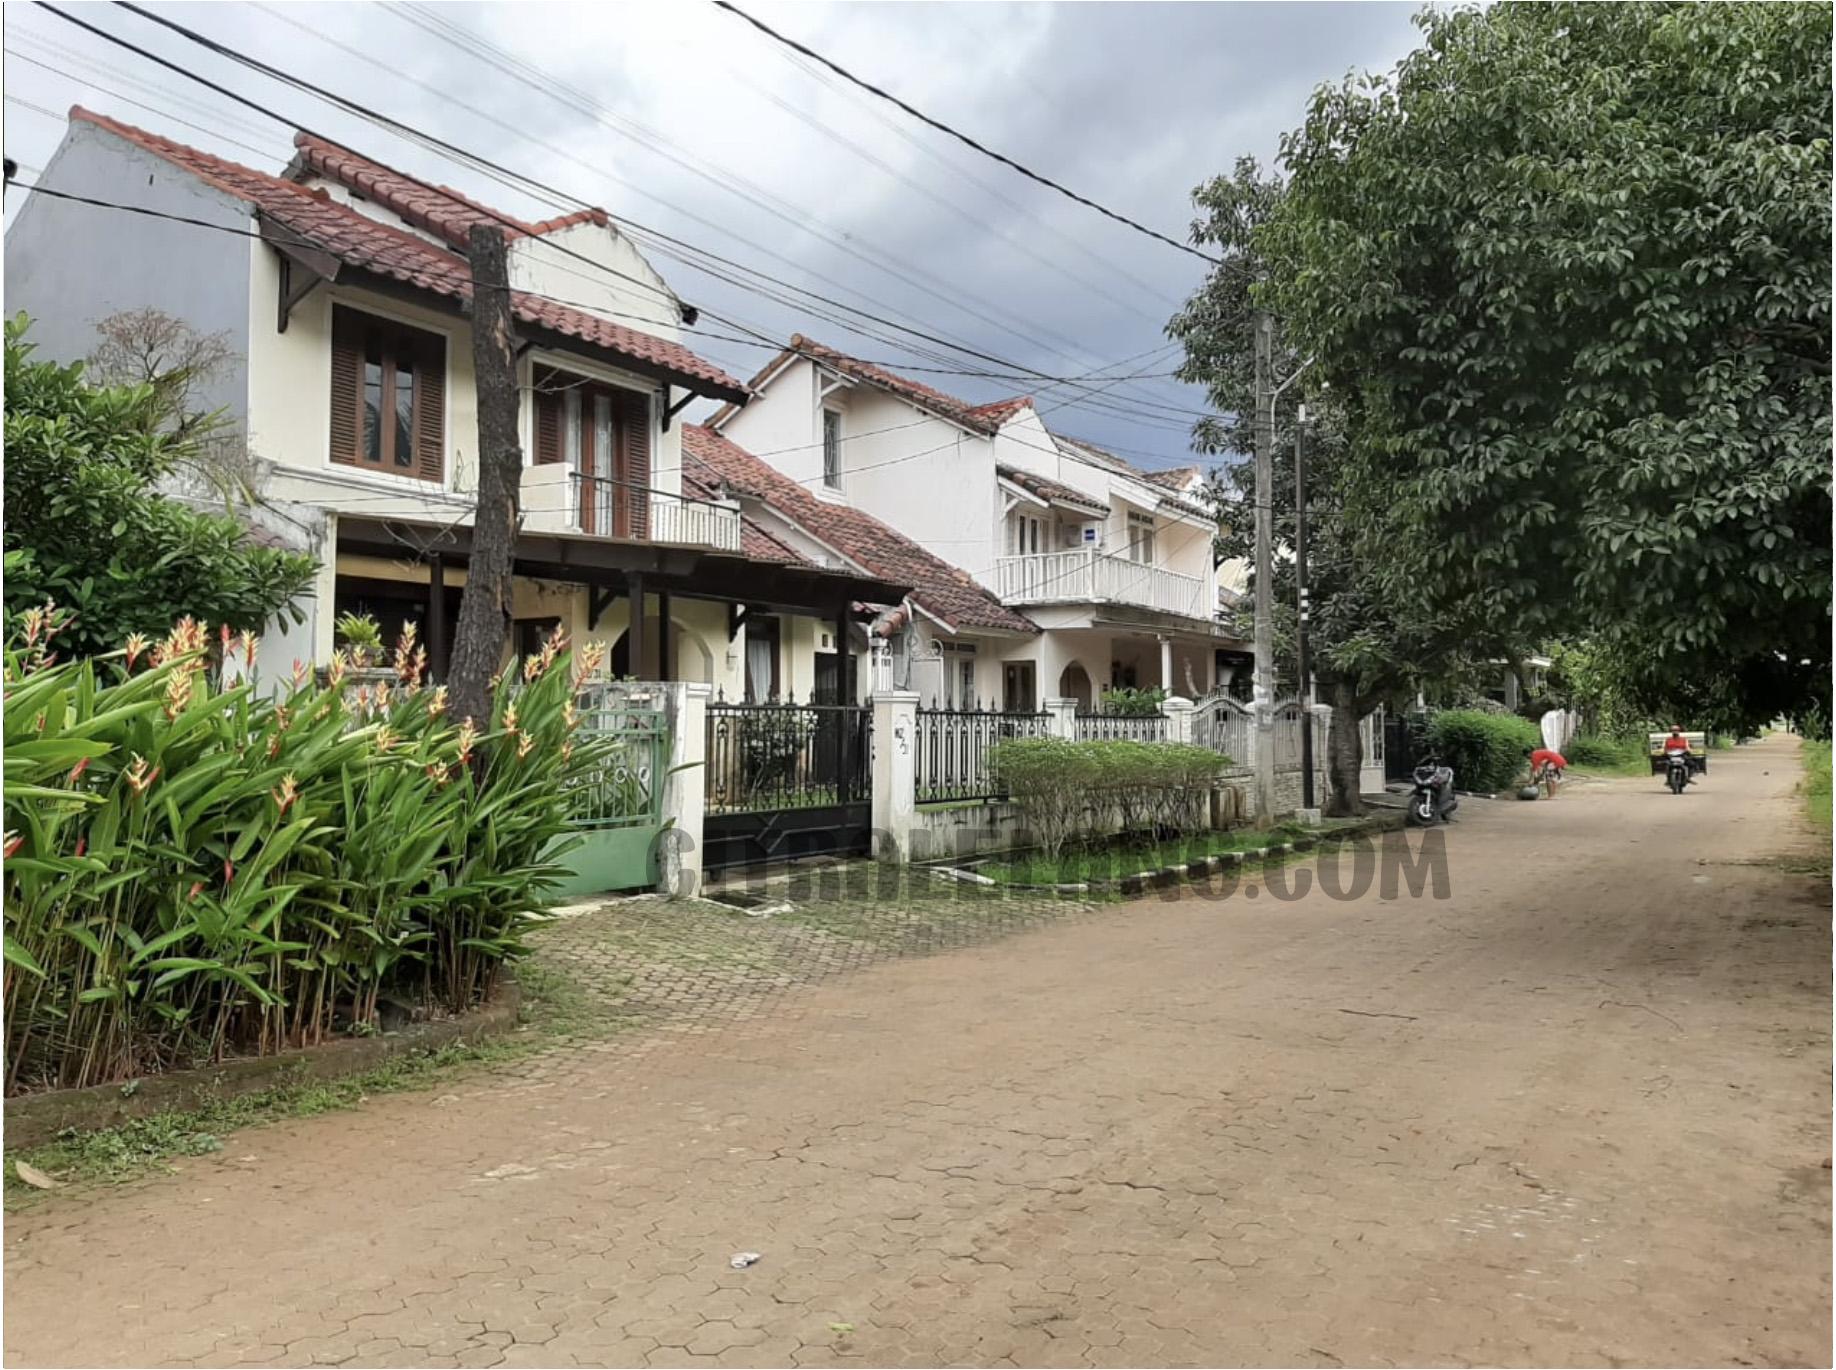 L210826-0930 Bogor CIMB RICHARD BENYAMIN PATTY (F1)